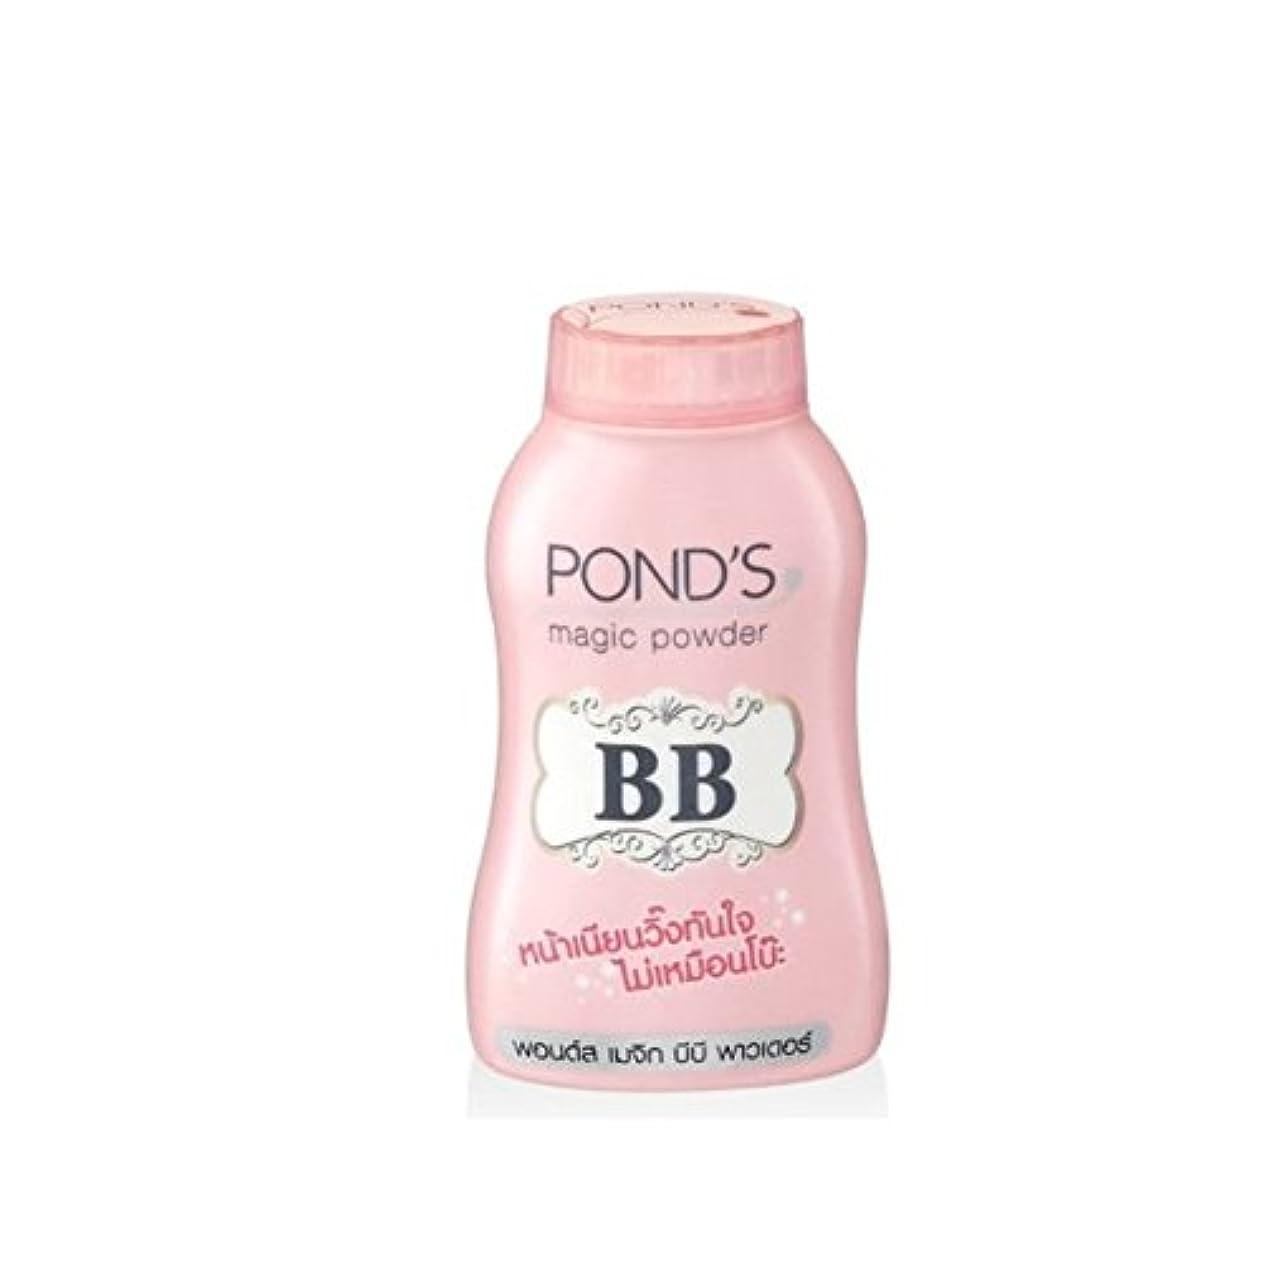 ハンディオート平凡POND's Magic BB Pwder ポン酢マジック?パウダー50g 2 pack (並行輸入品)